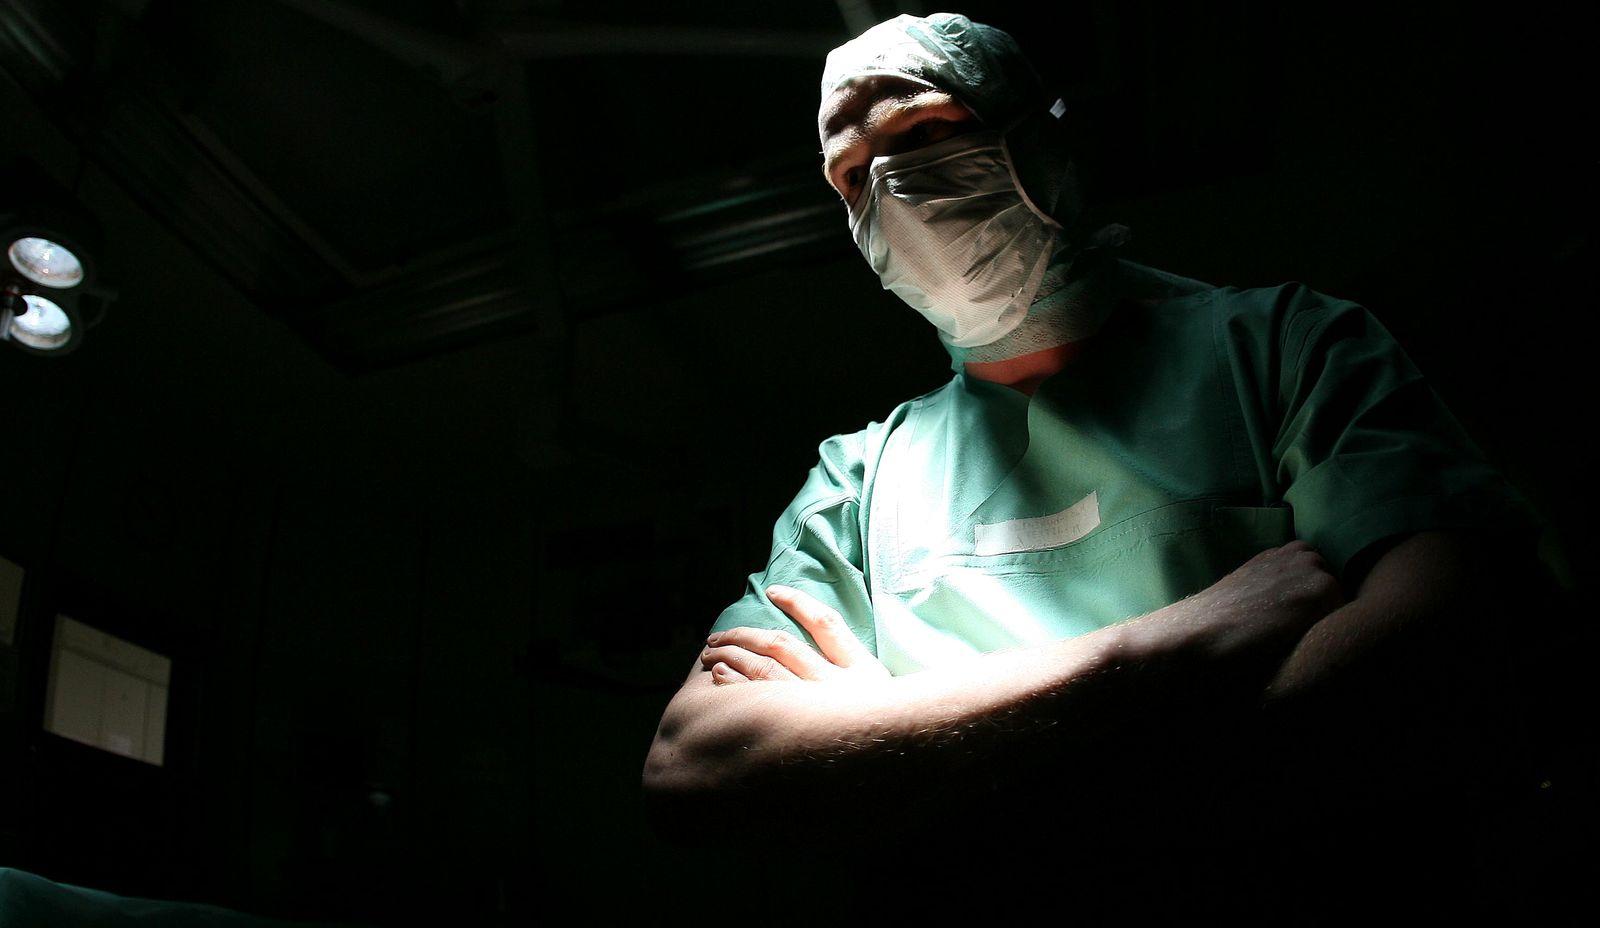 NICHT VERWENDEN Arzt